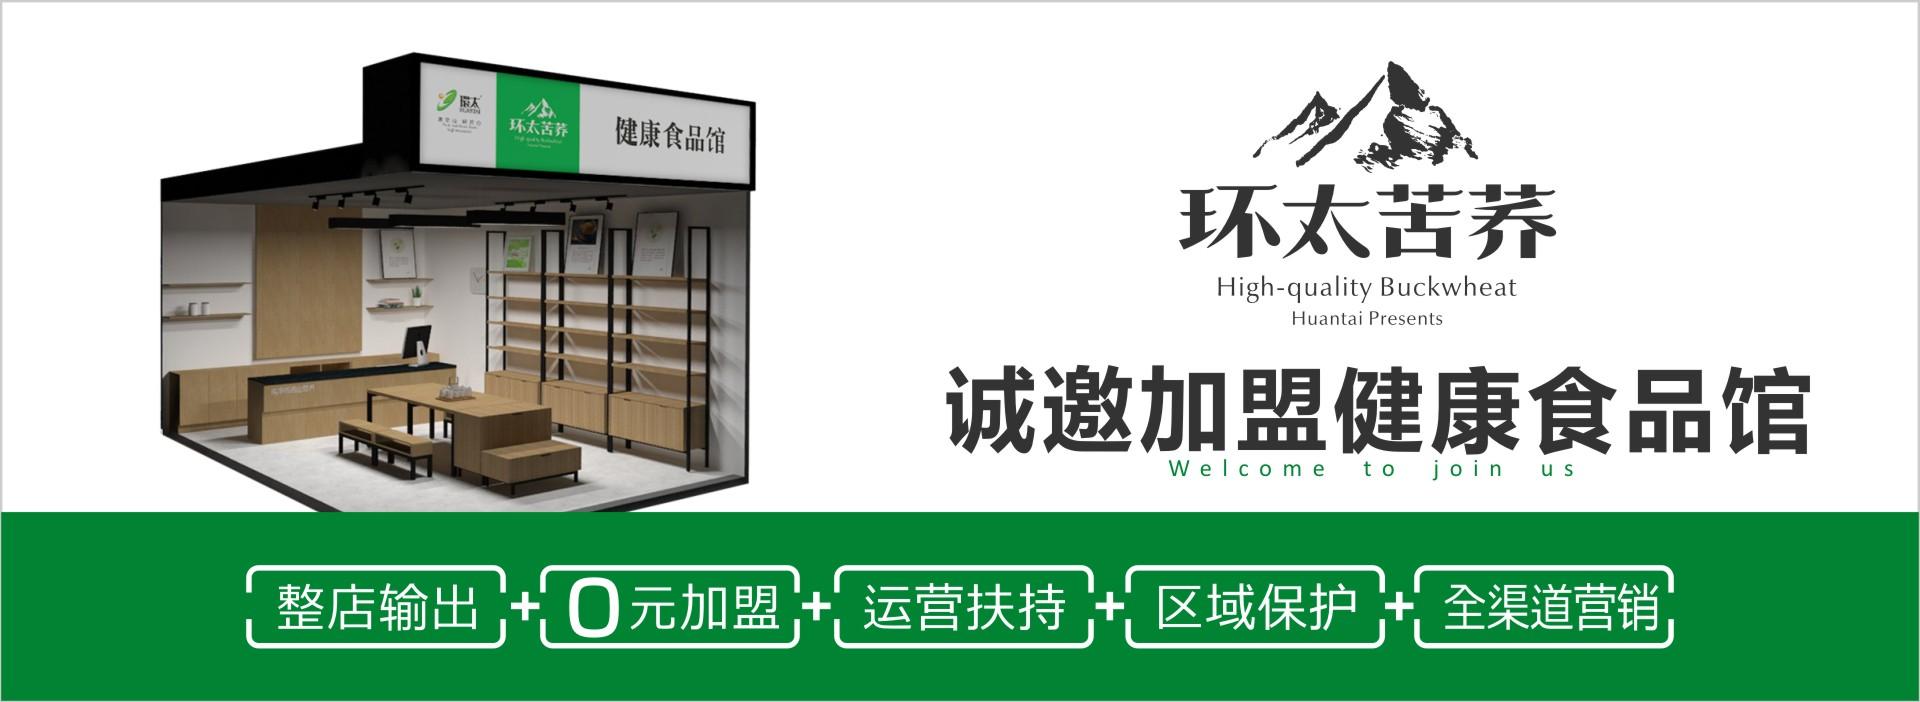 beplay官网下载茶加盟_代理_招商优势介绍